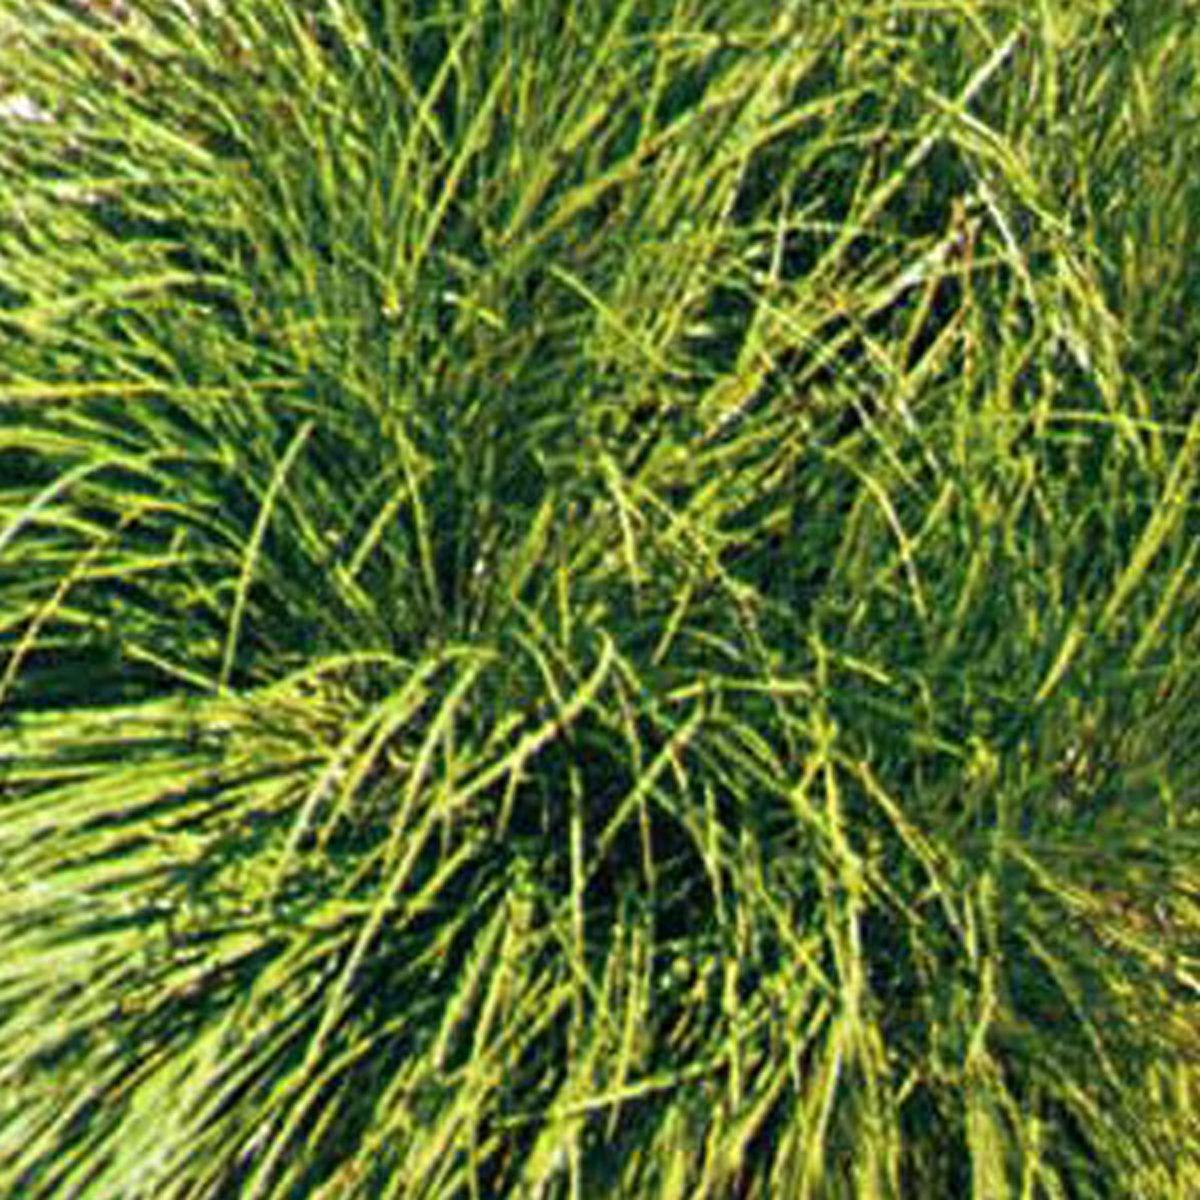 6 x Carex Umbrosa - Schaduwzegge pot 9x9cm kopen